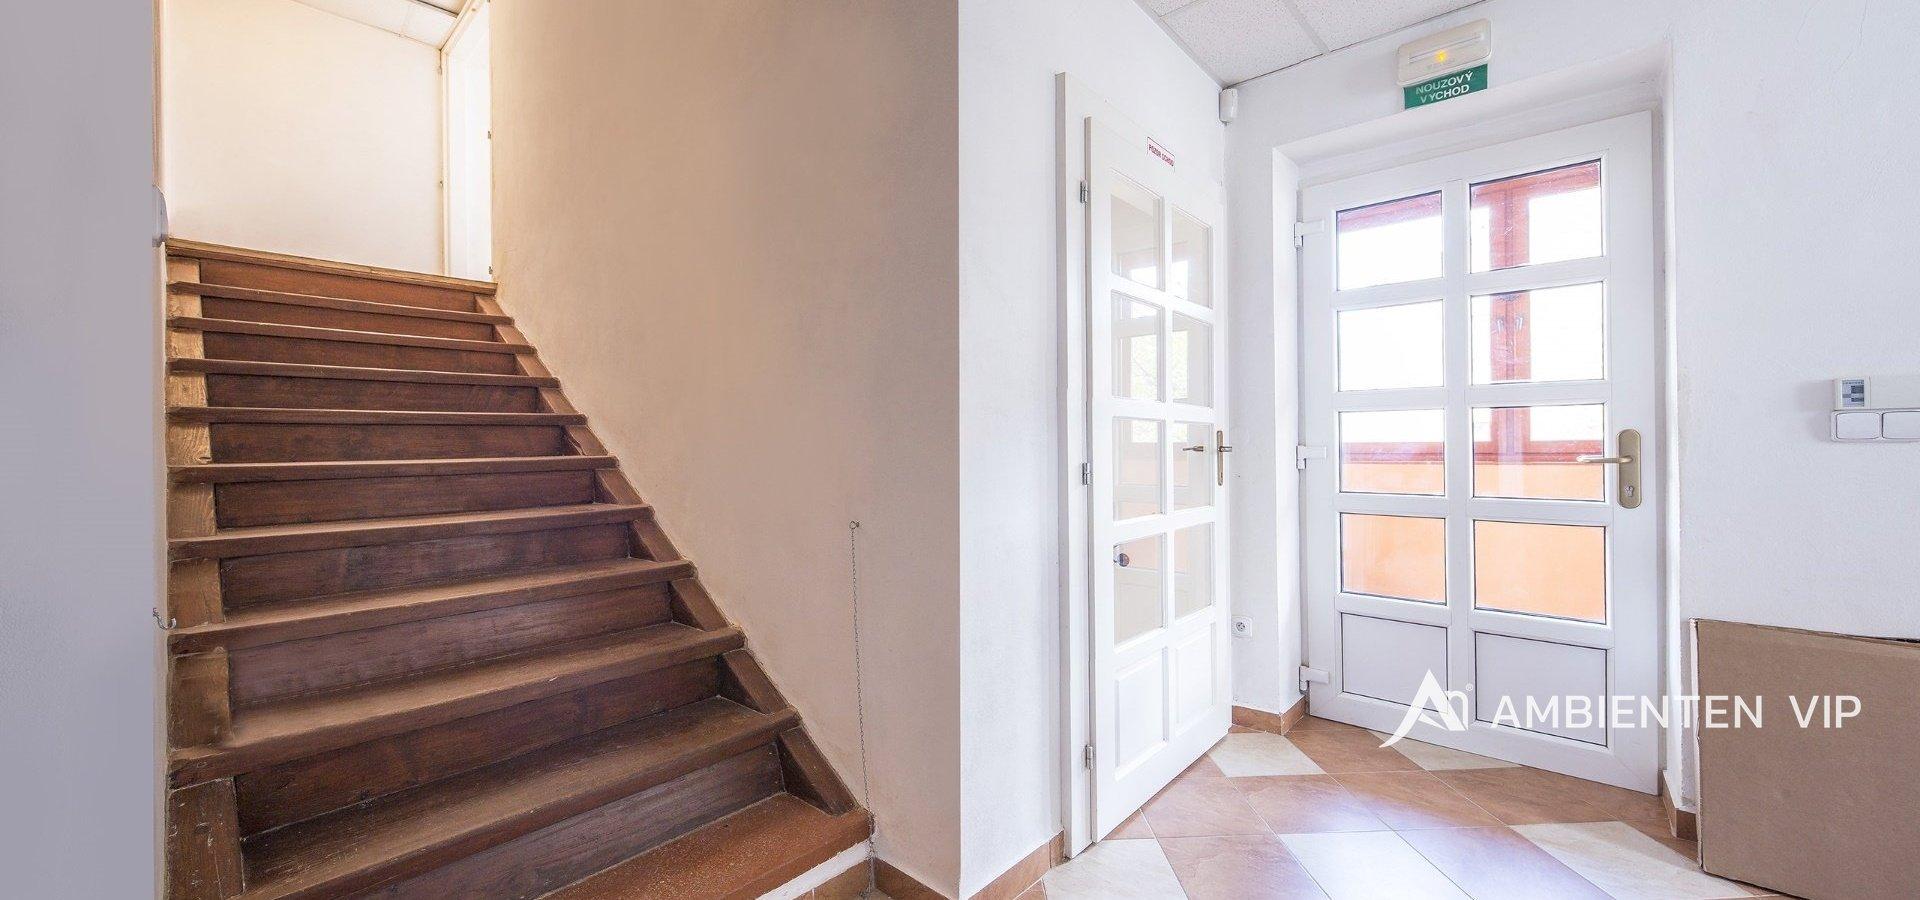 prodej-rodinneho-domu-na-bydleni-i-investici-477m2-telc-22merge-e40914